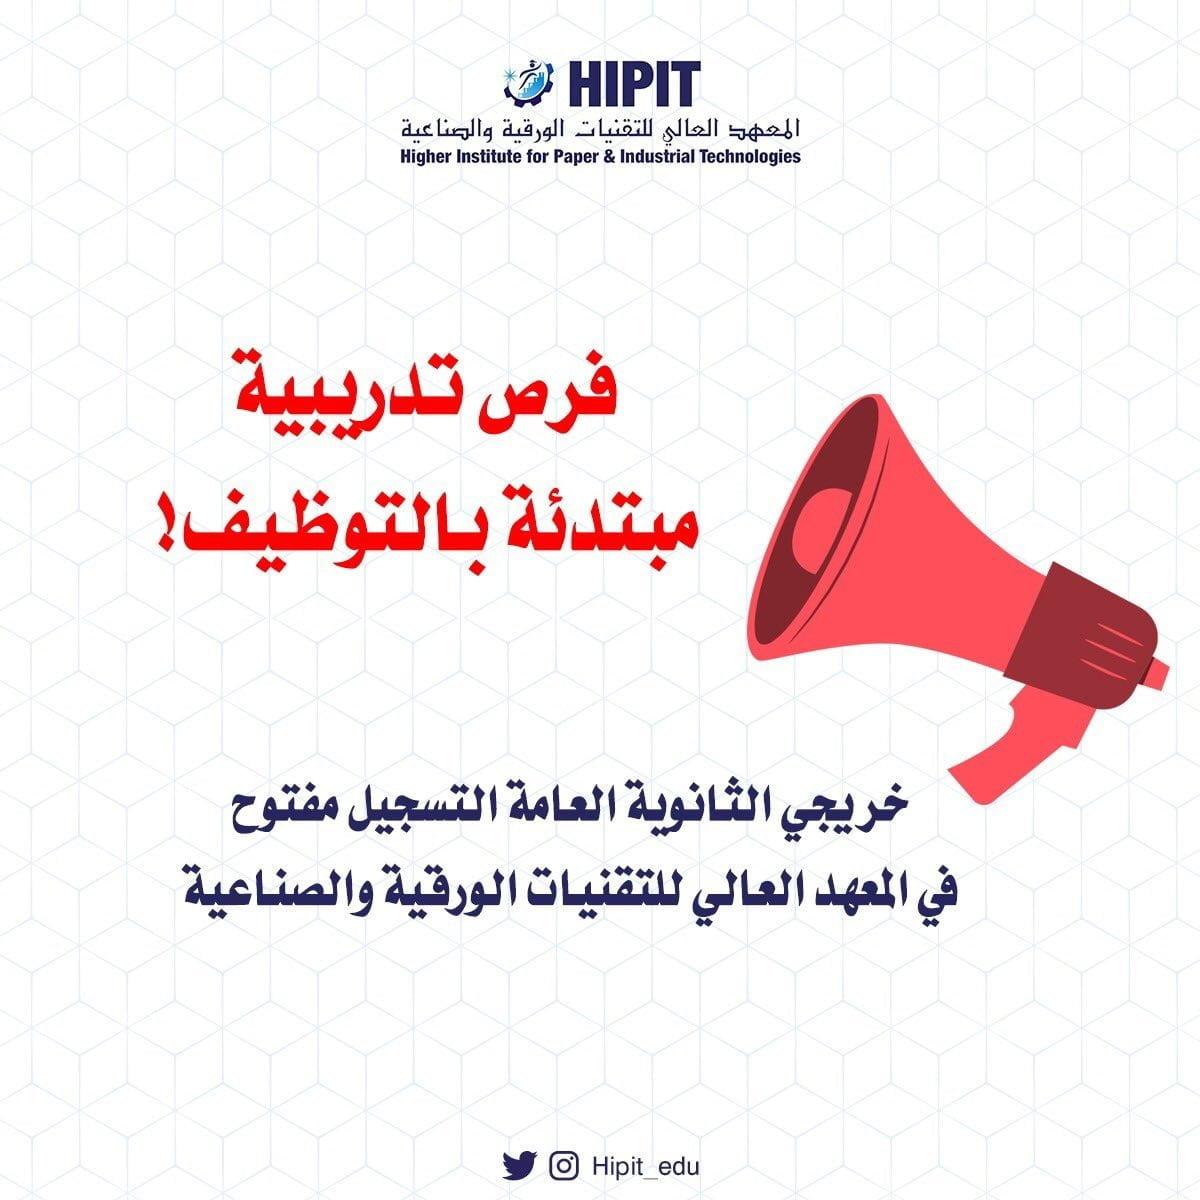 تدريب مبتدئ بالتوظيف لحملة الثانوي لدى المعهد العالي للتقنيات الورقية والصناعية 3